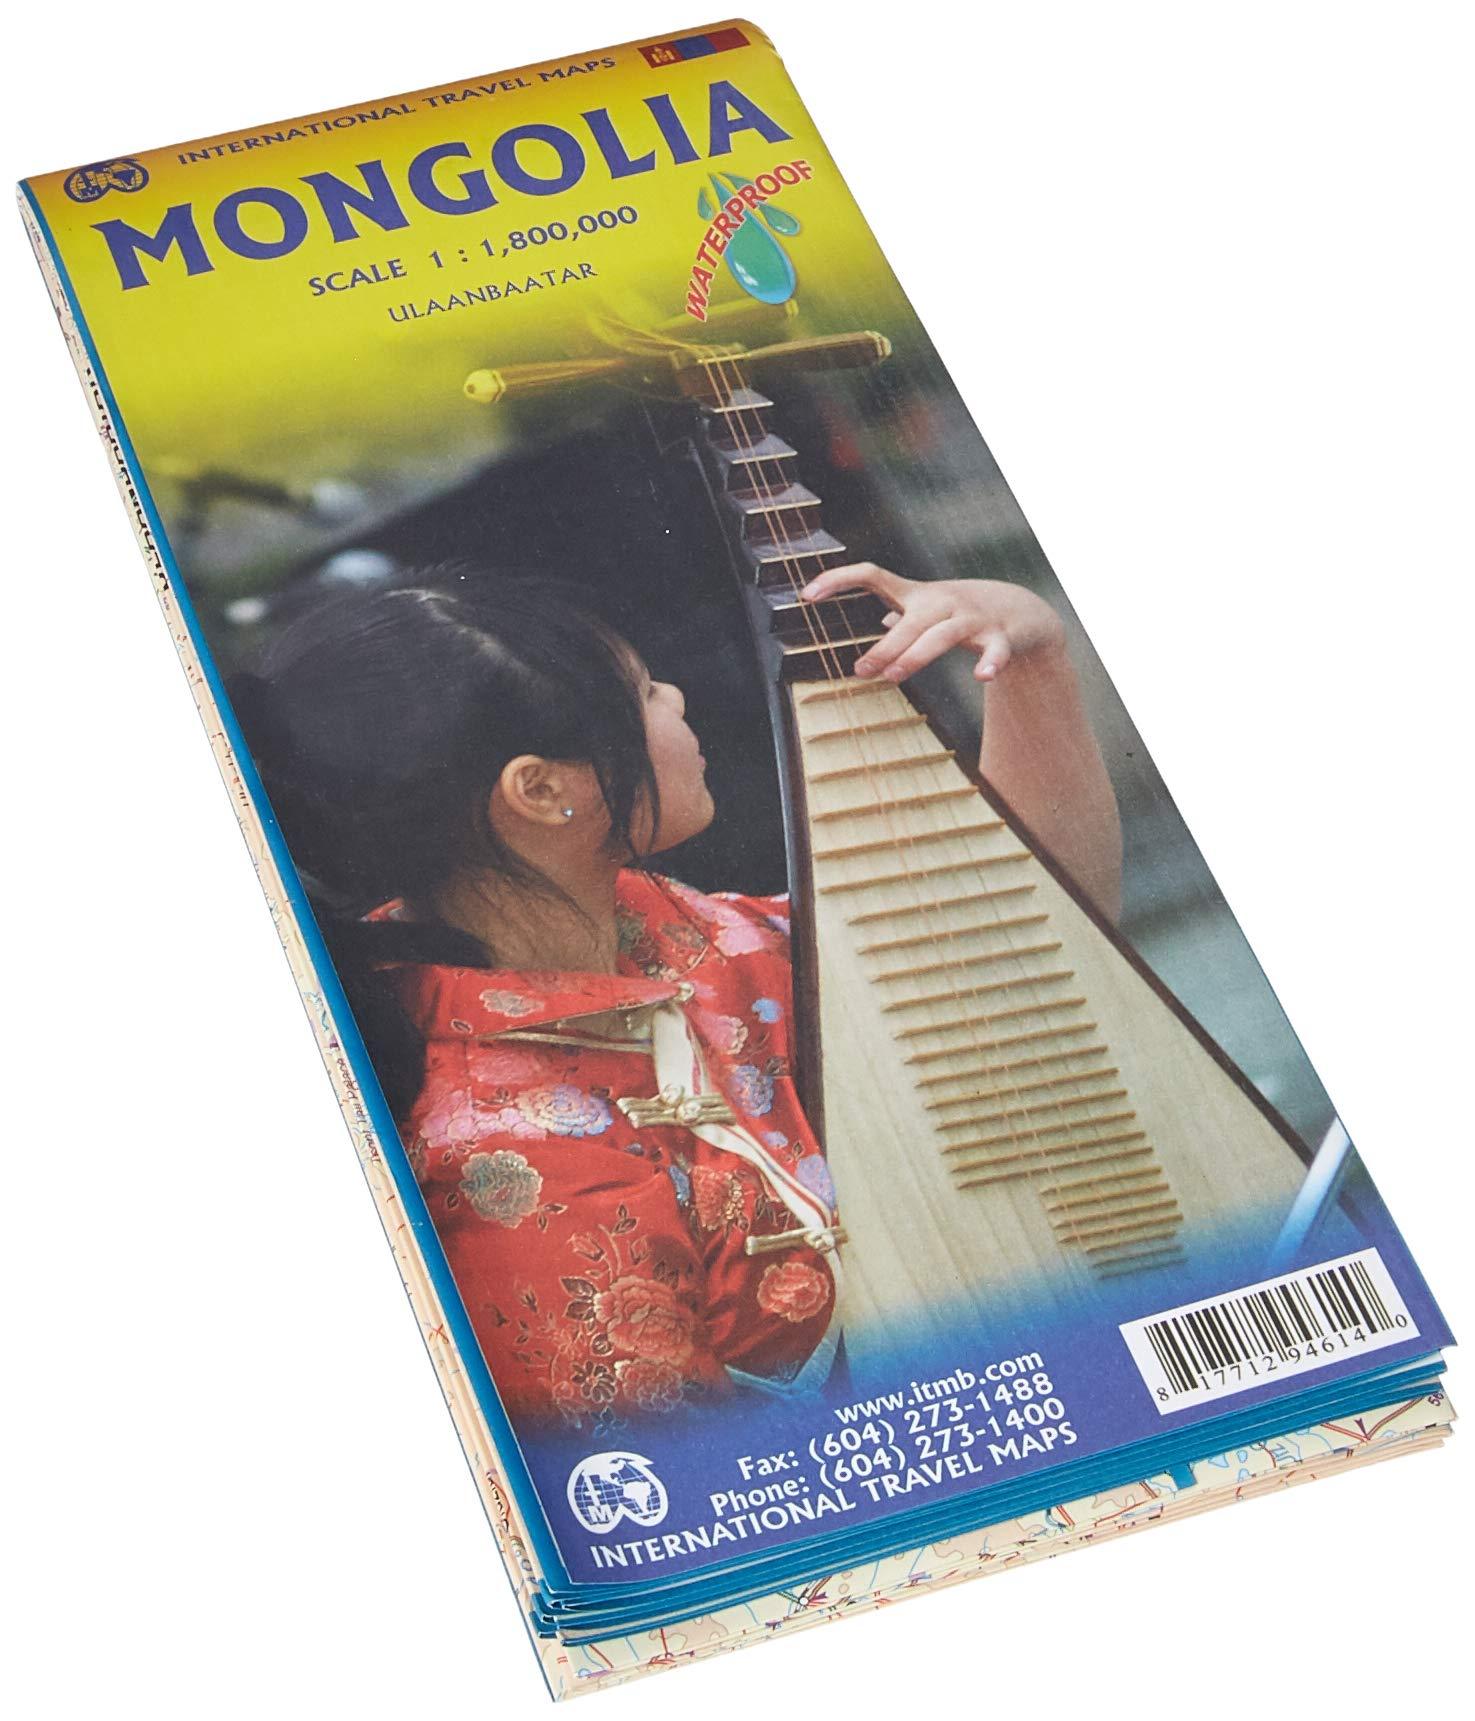 מפה ITM מונגוליה